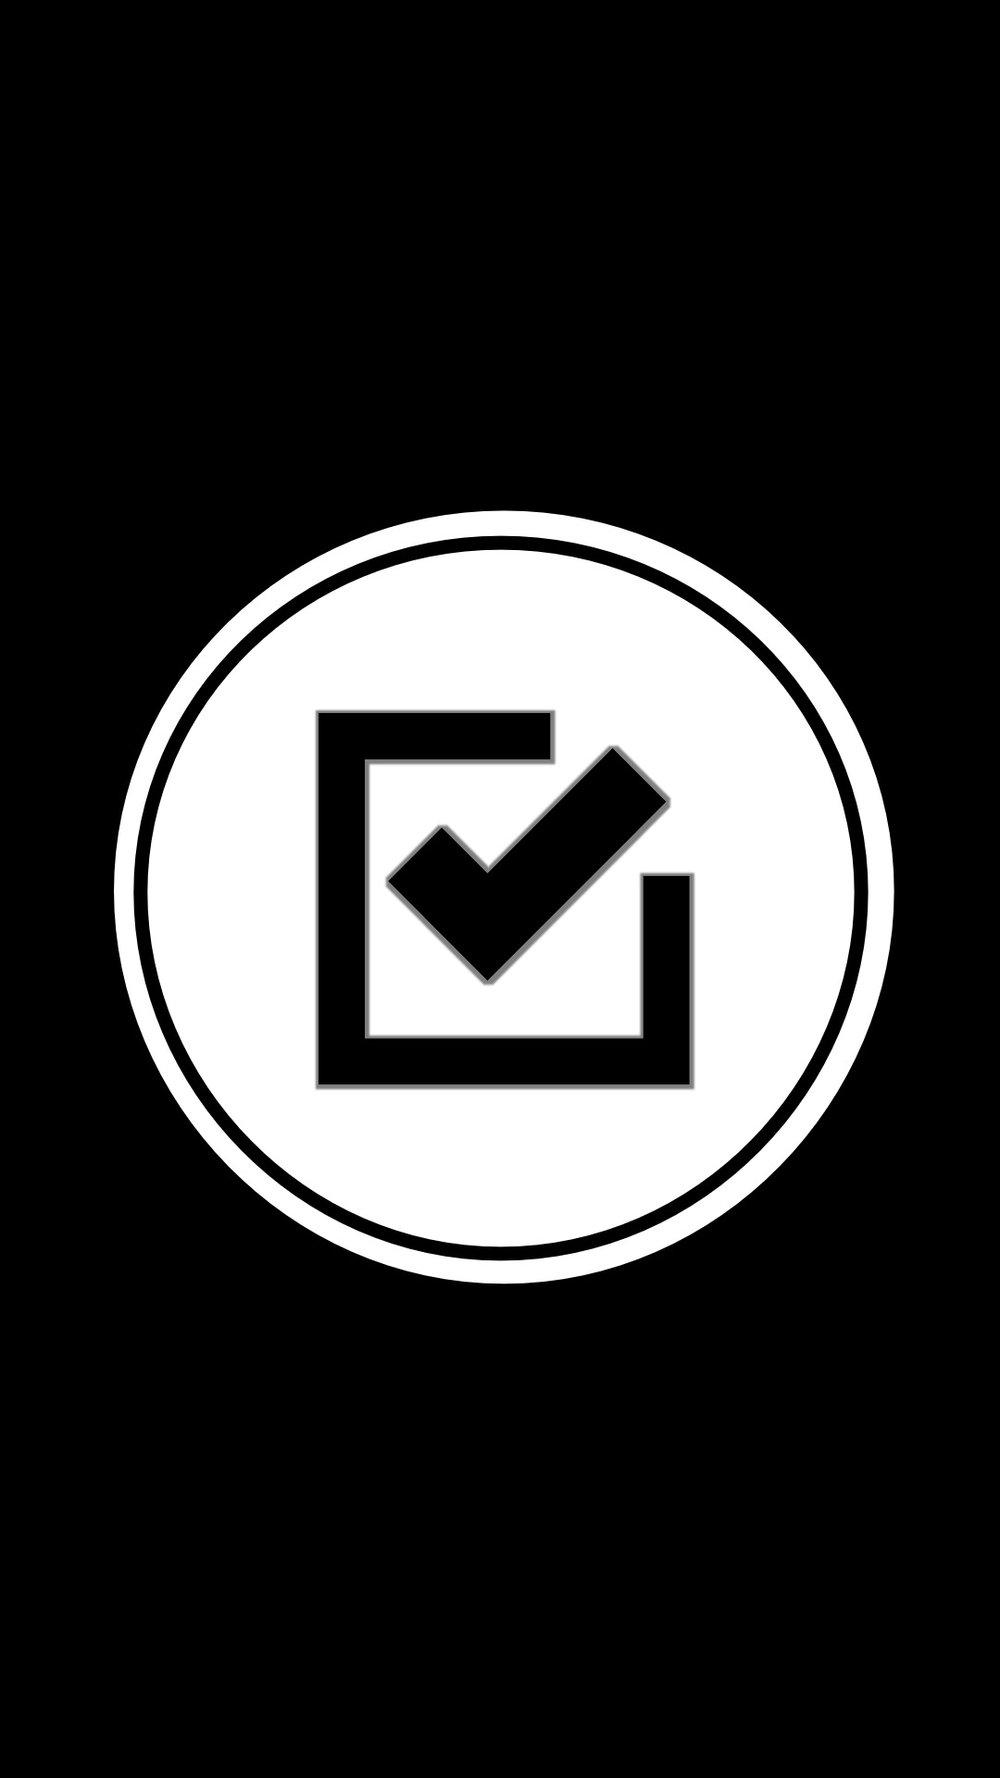 Instagram-cover-task-black.jpg